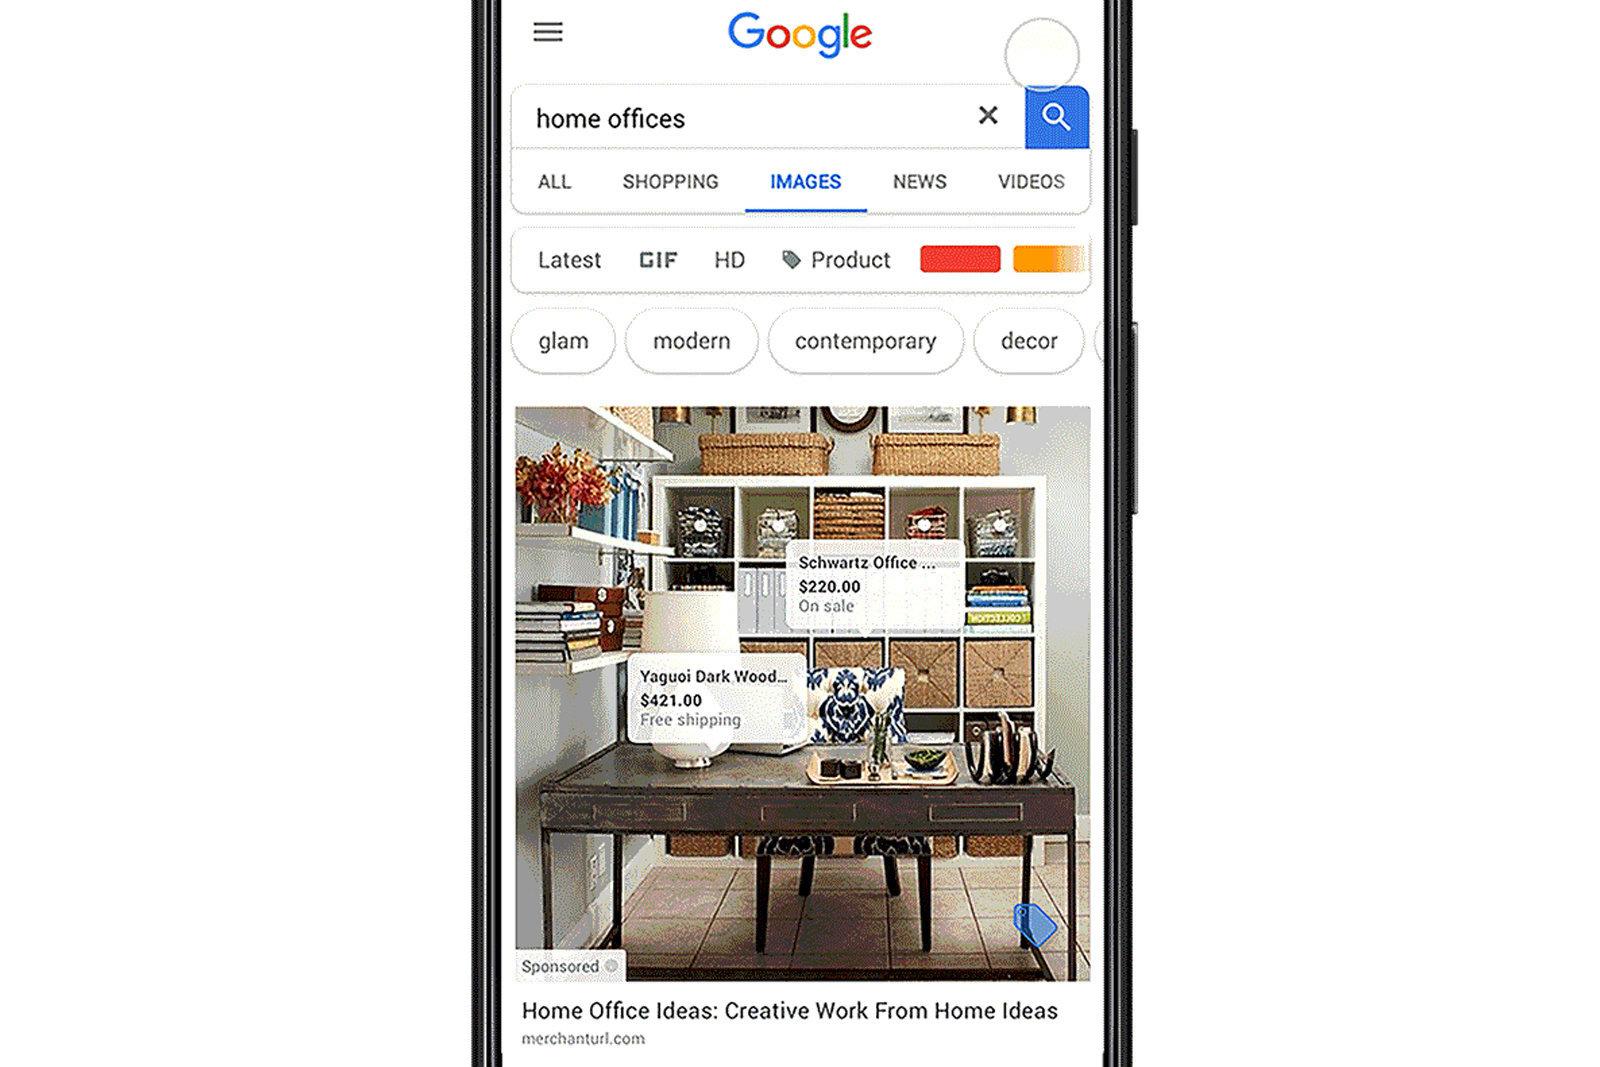 Exemple d'intégration du nouveau format publicitaire dans Google Images